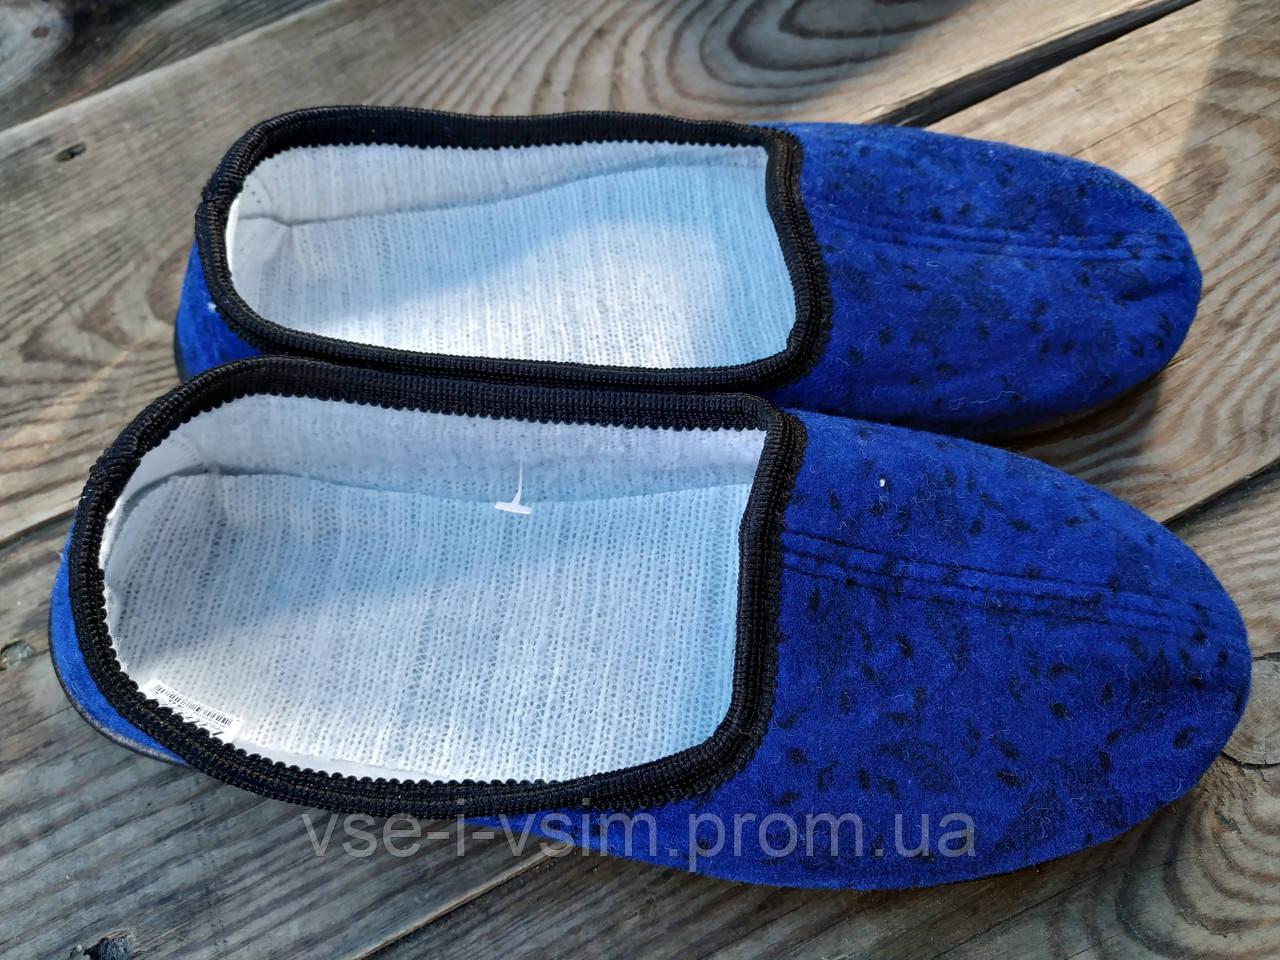 Тапочки Litma Женские 42 размер